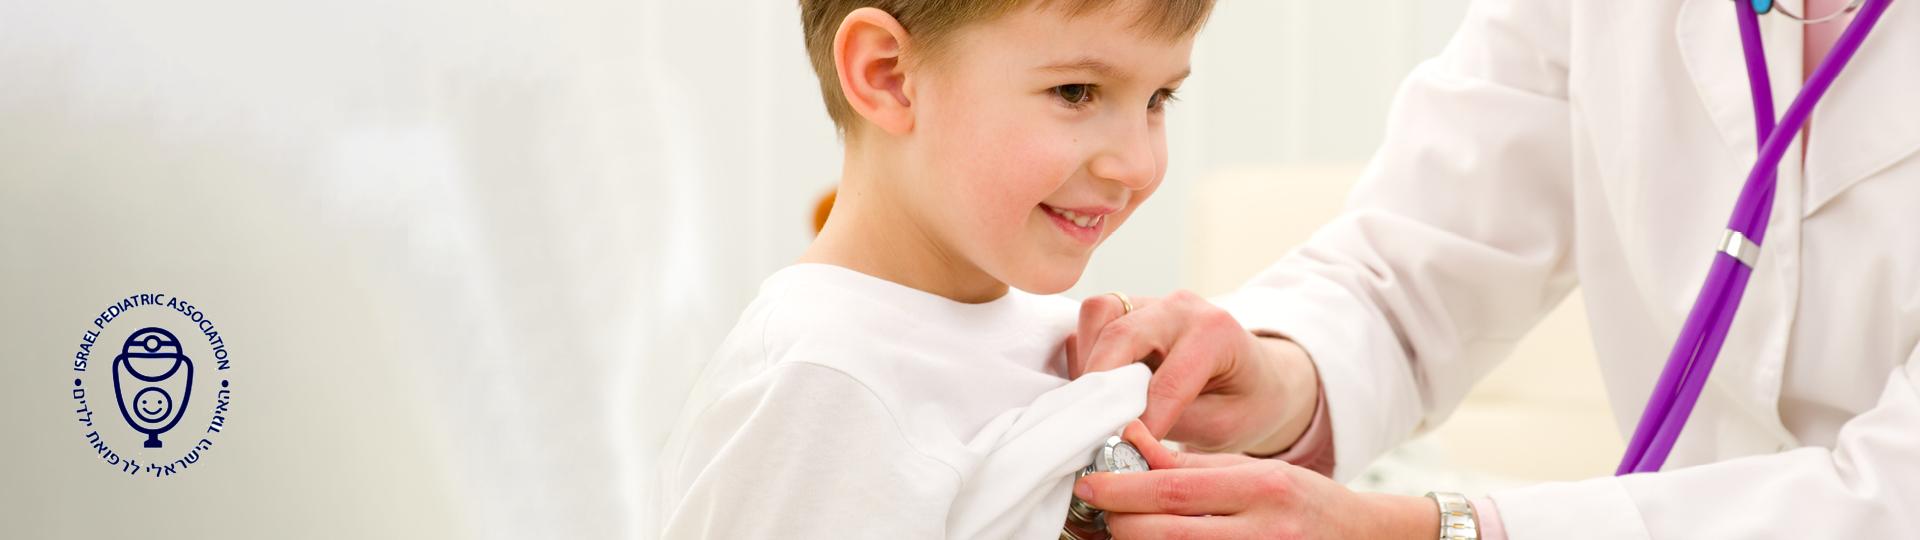 ברוכים הבאים לאקדמיה לרפואת ילדים